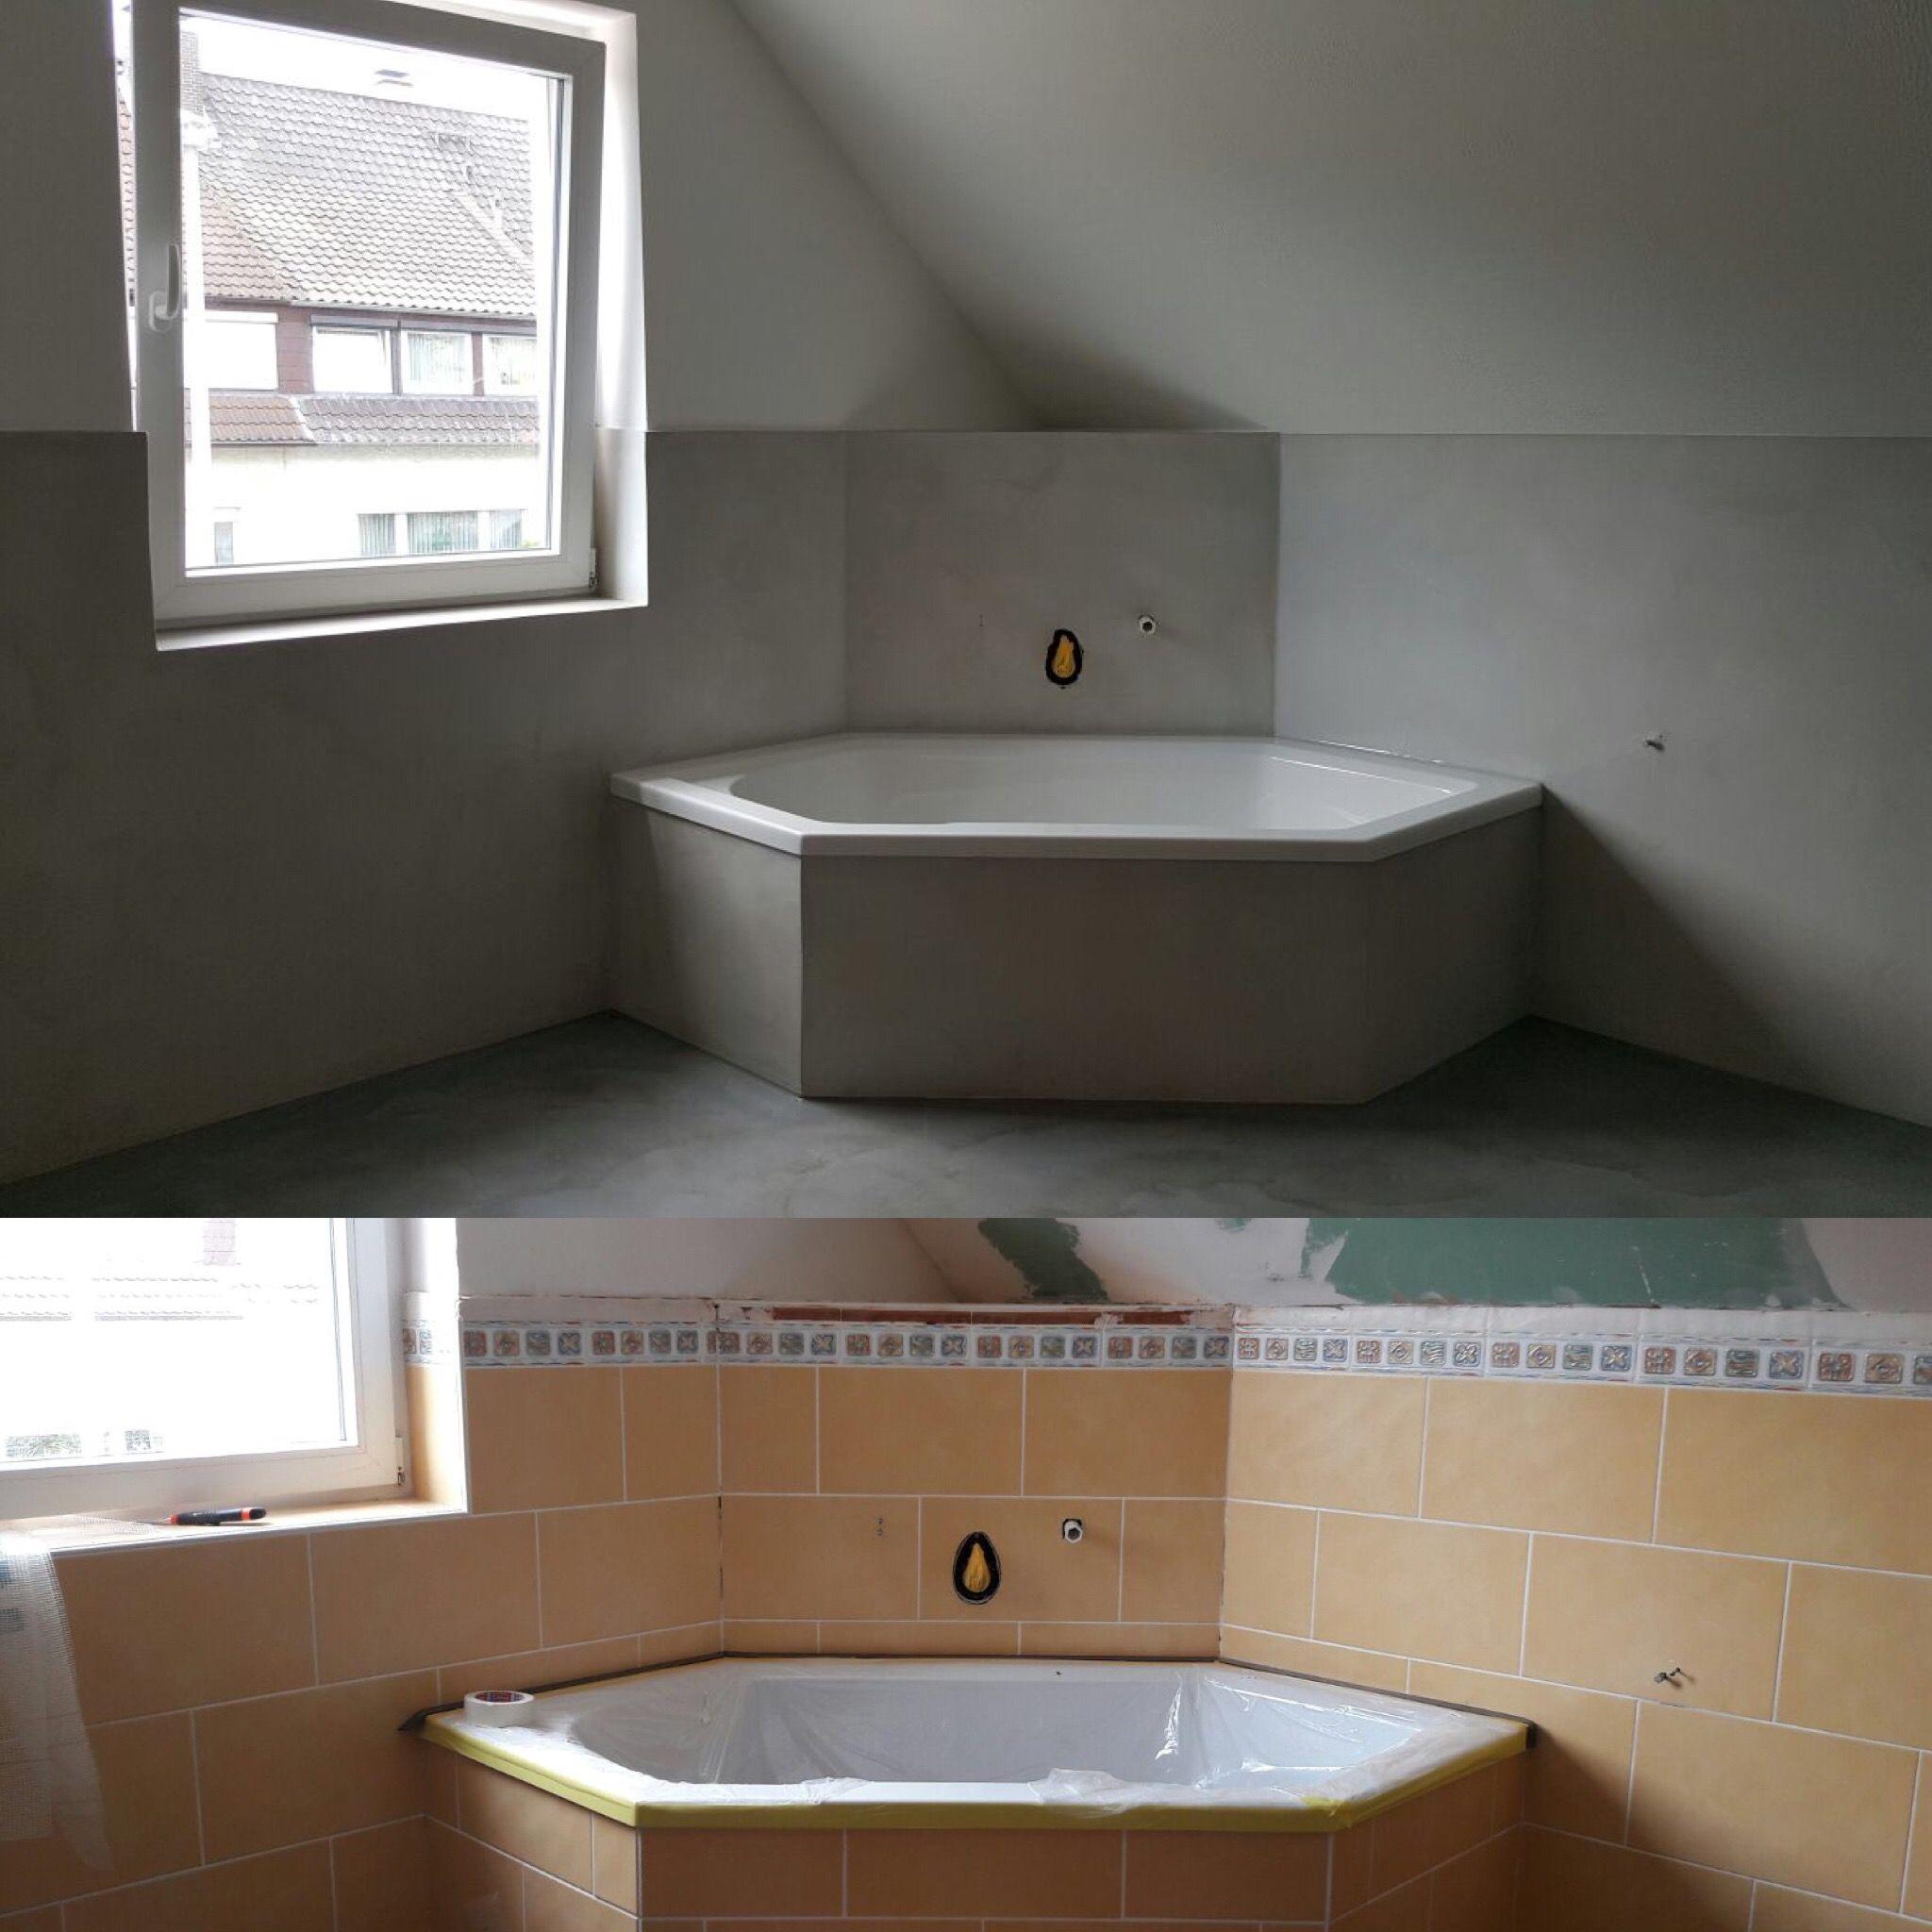 Nassbereich Fugenlosesbad Fugenloserboden Betondesign Hildesheim Goslar Einbeck Beton Design Badezimmer Streichen Fugenloses Bad